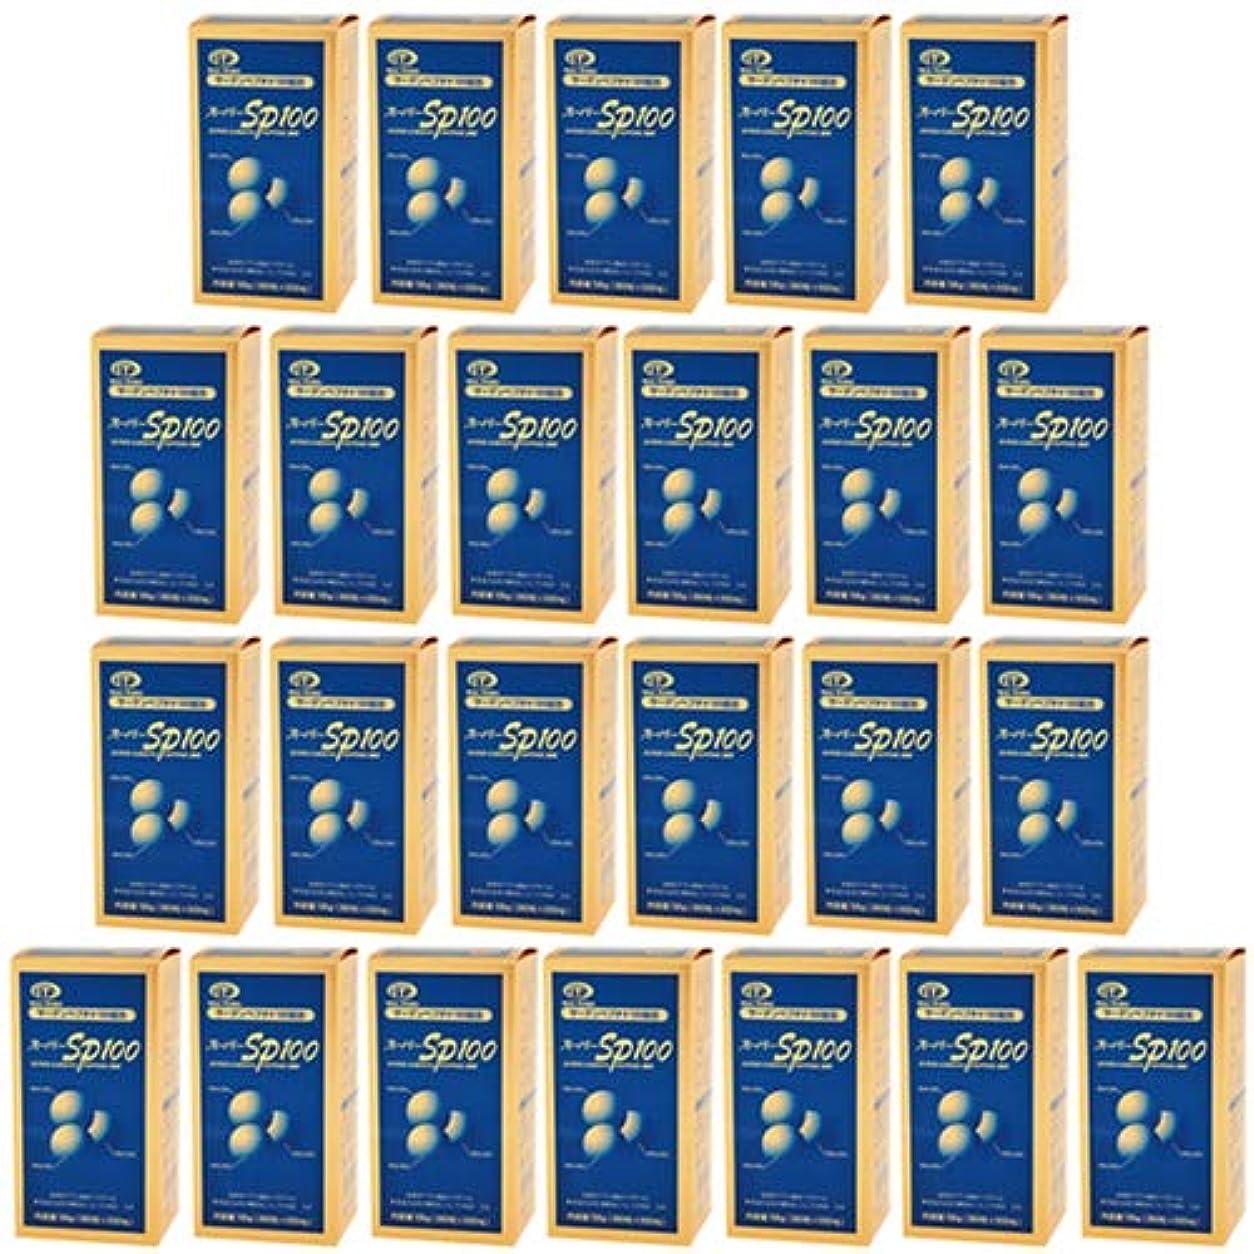 管理者焦がす面スーパーSP100(イワシペプチド)(360粒) 24箱